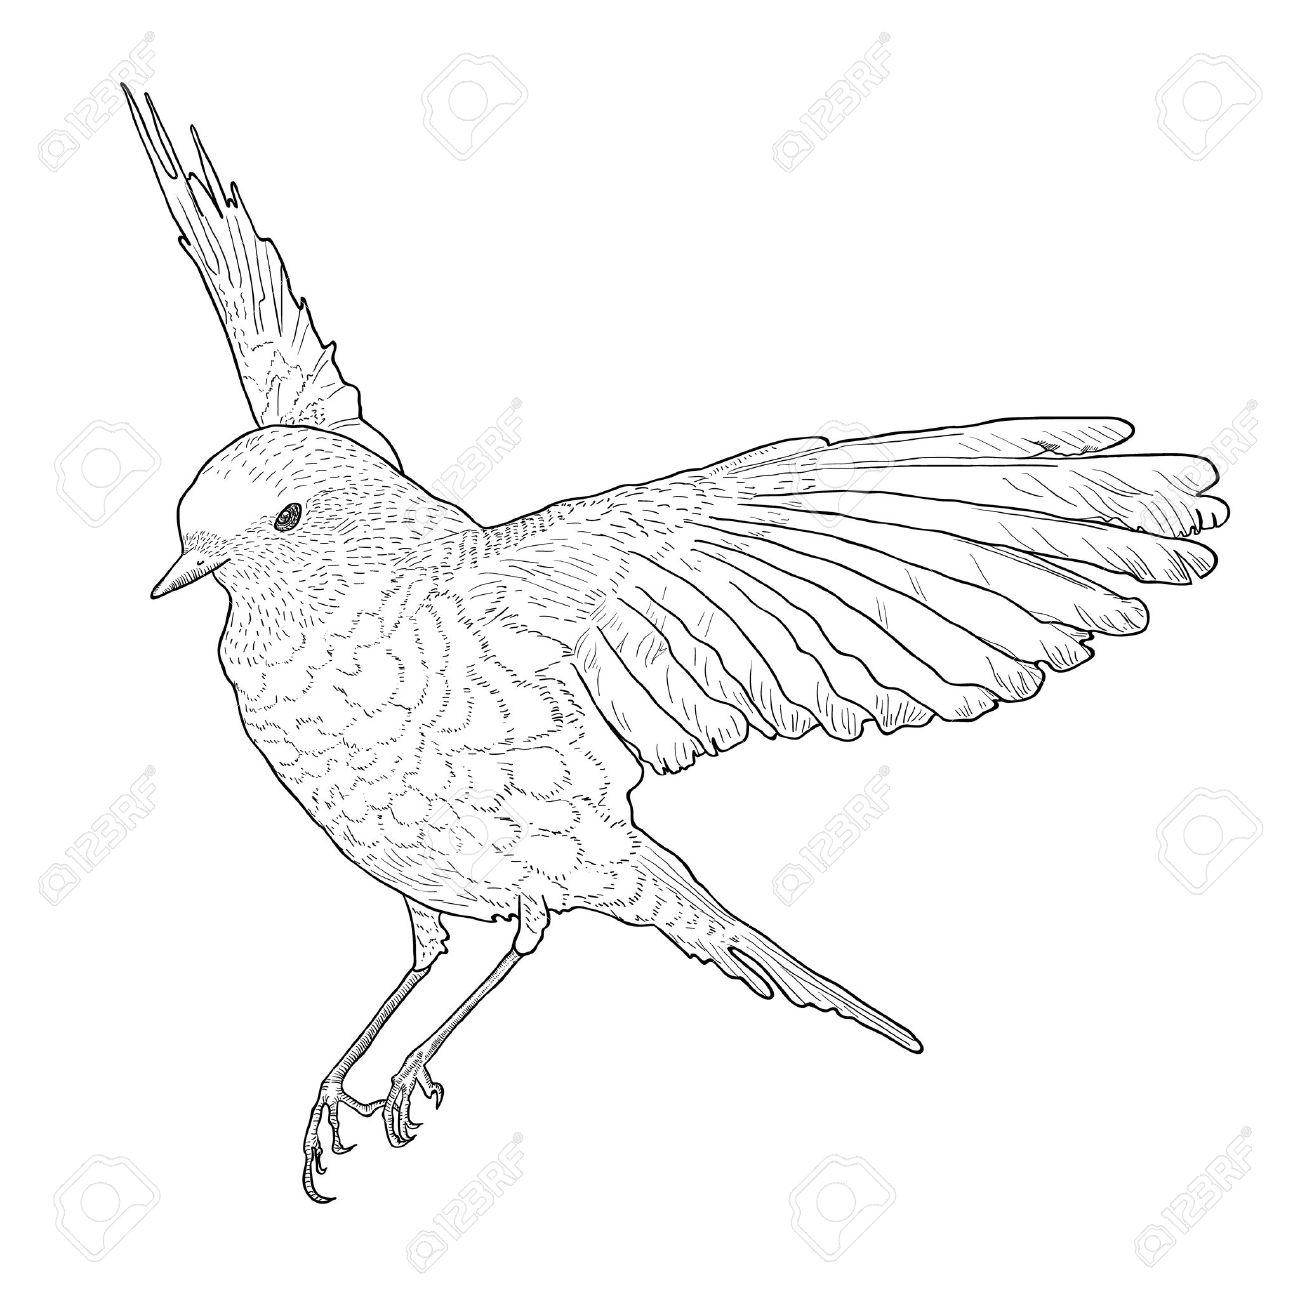 Ziemlich Kostenlose Vogel Vorlagen Zeitgenössisch - Entry Level ...